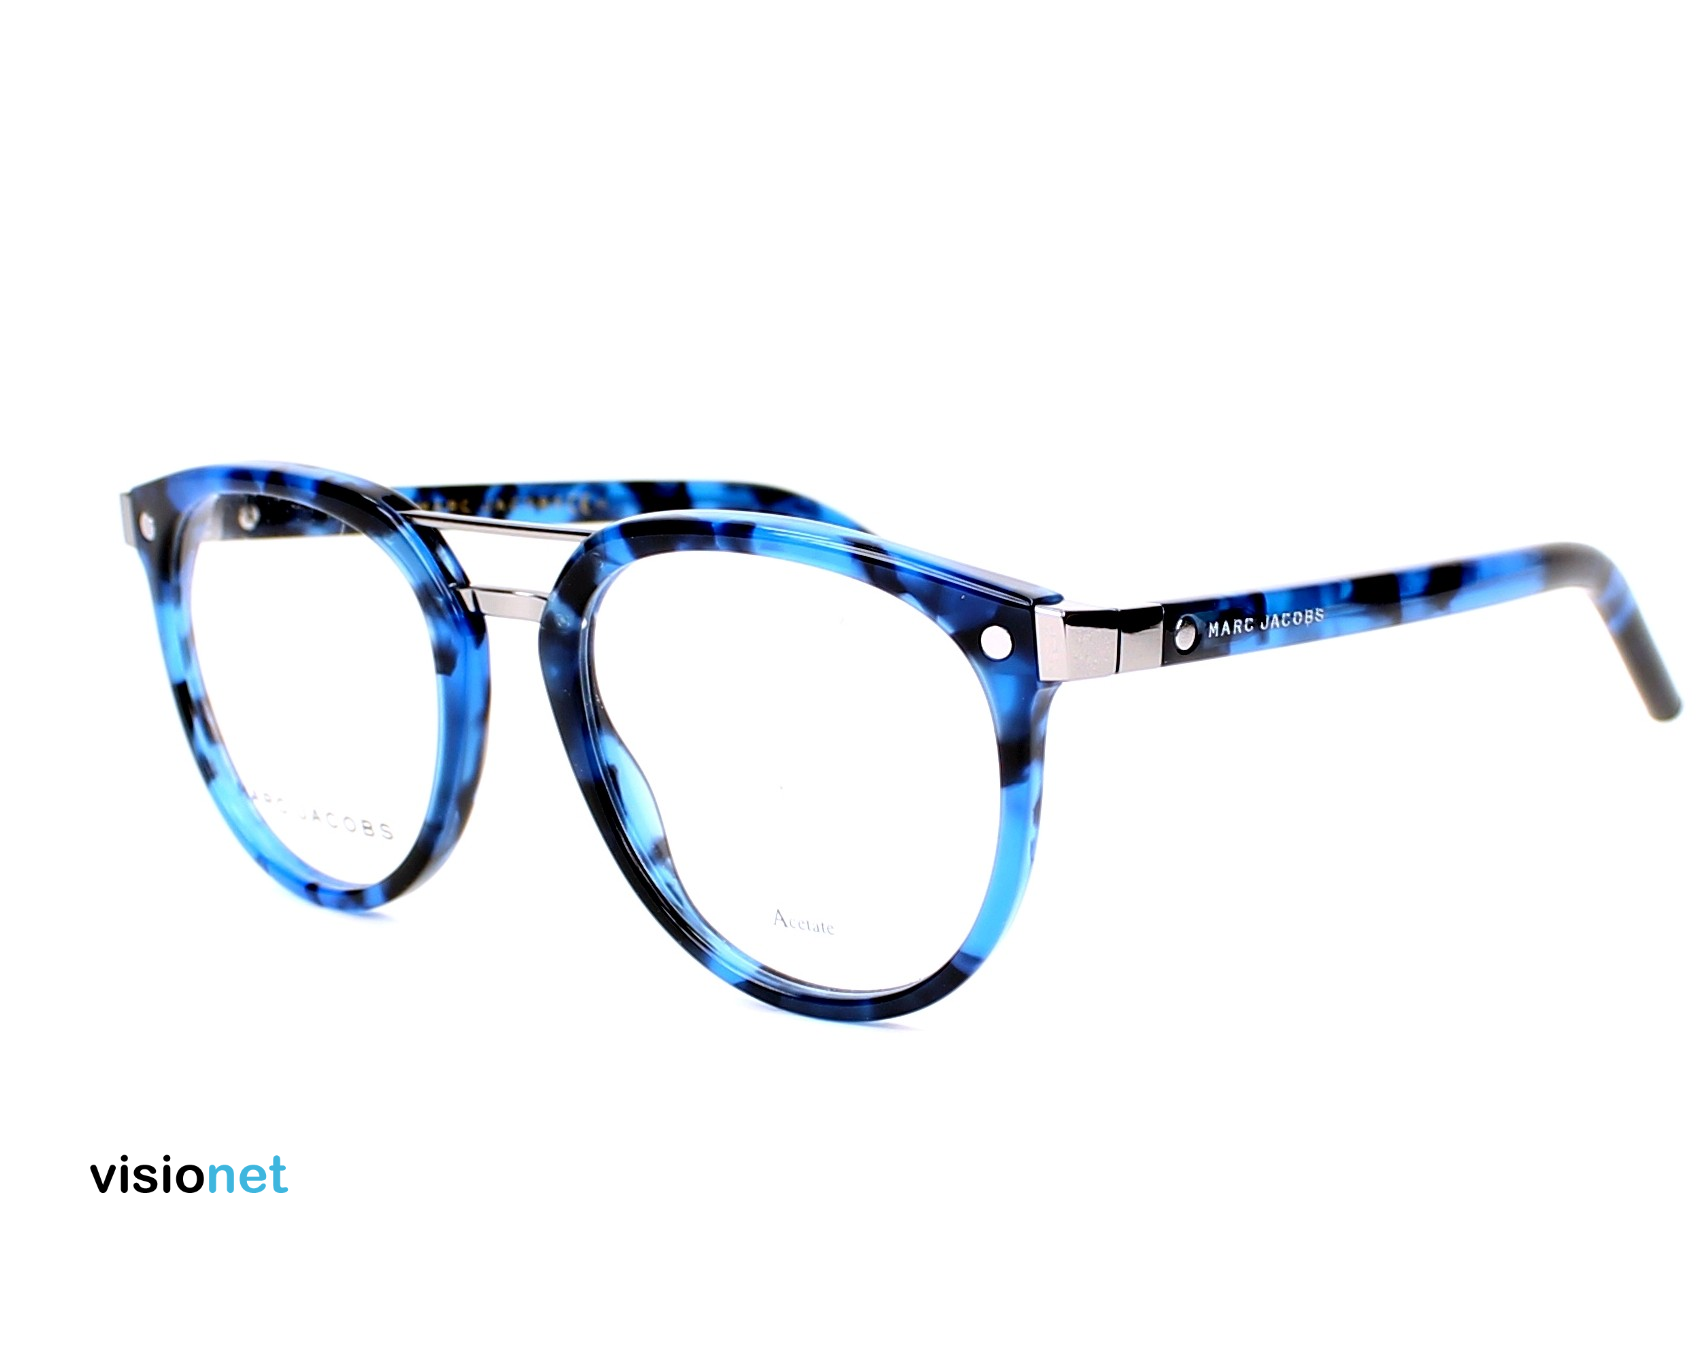 28f9dabb0fb826 Lunettes de vue Marc Jacobs MARC 19 Acétate Bleu havane - 137 EUR ...